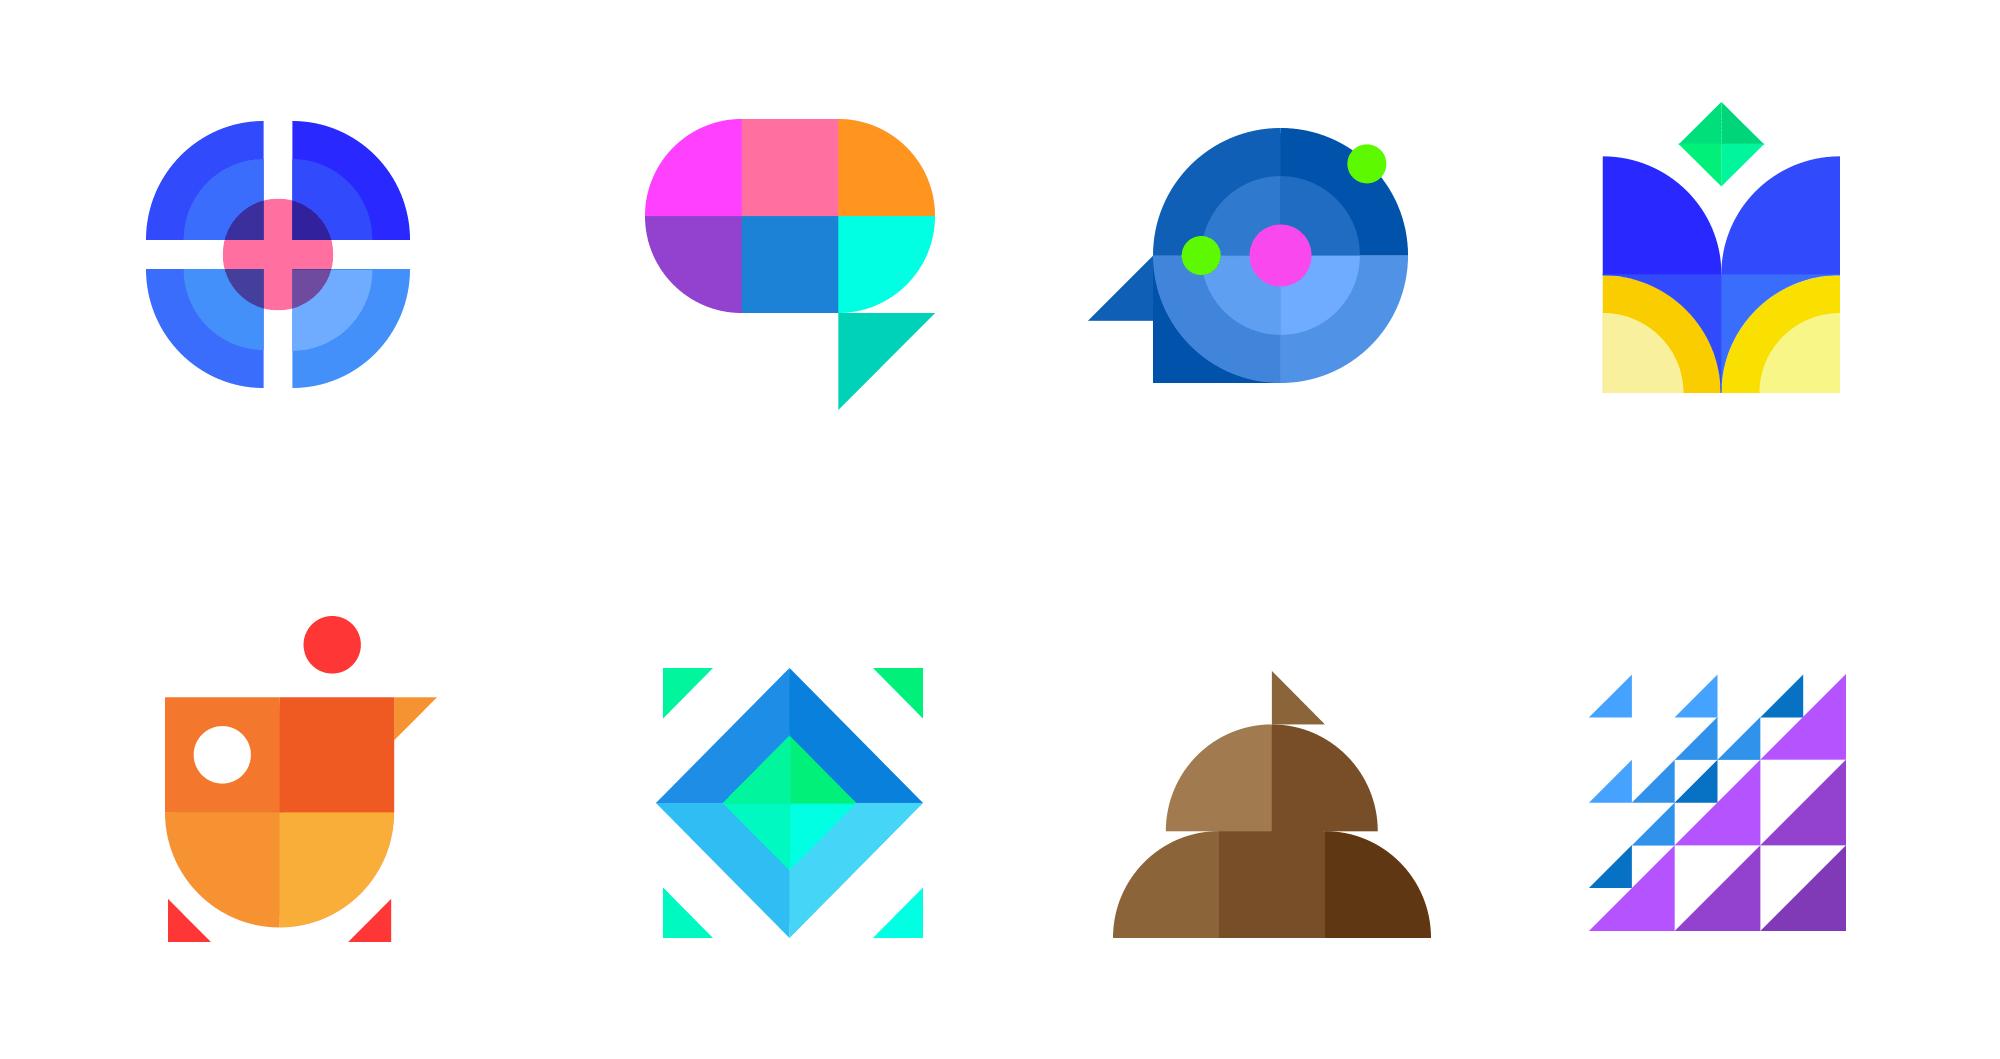 c1-sub-brands-set